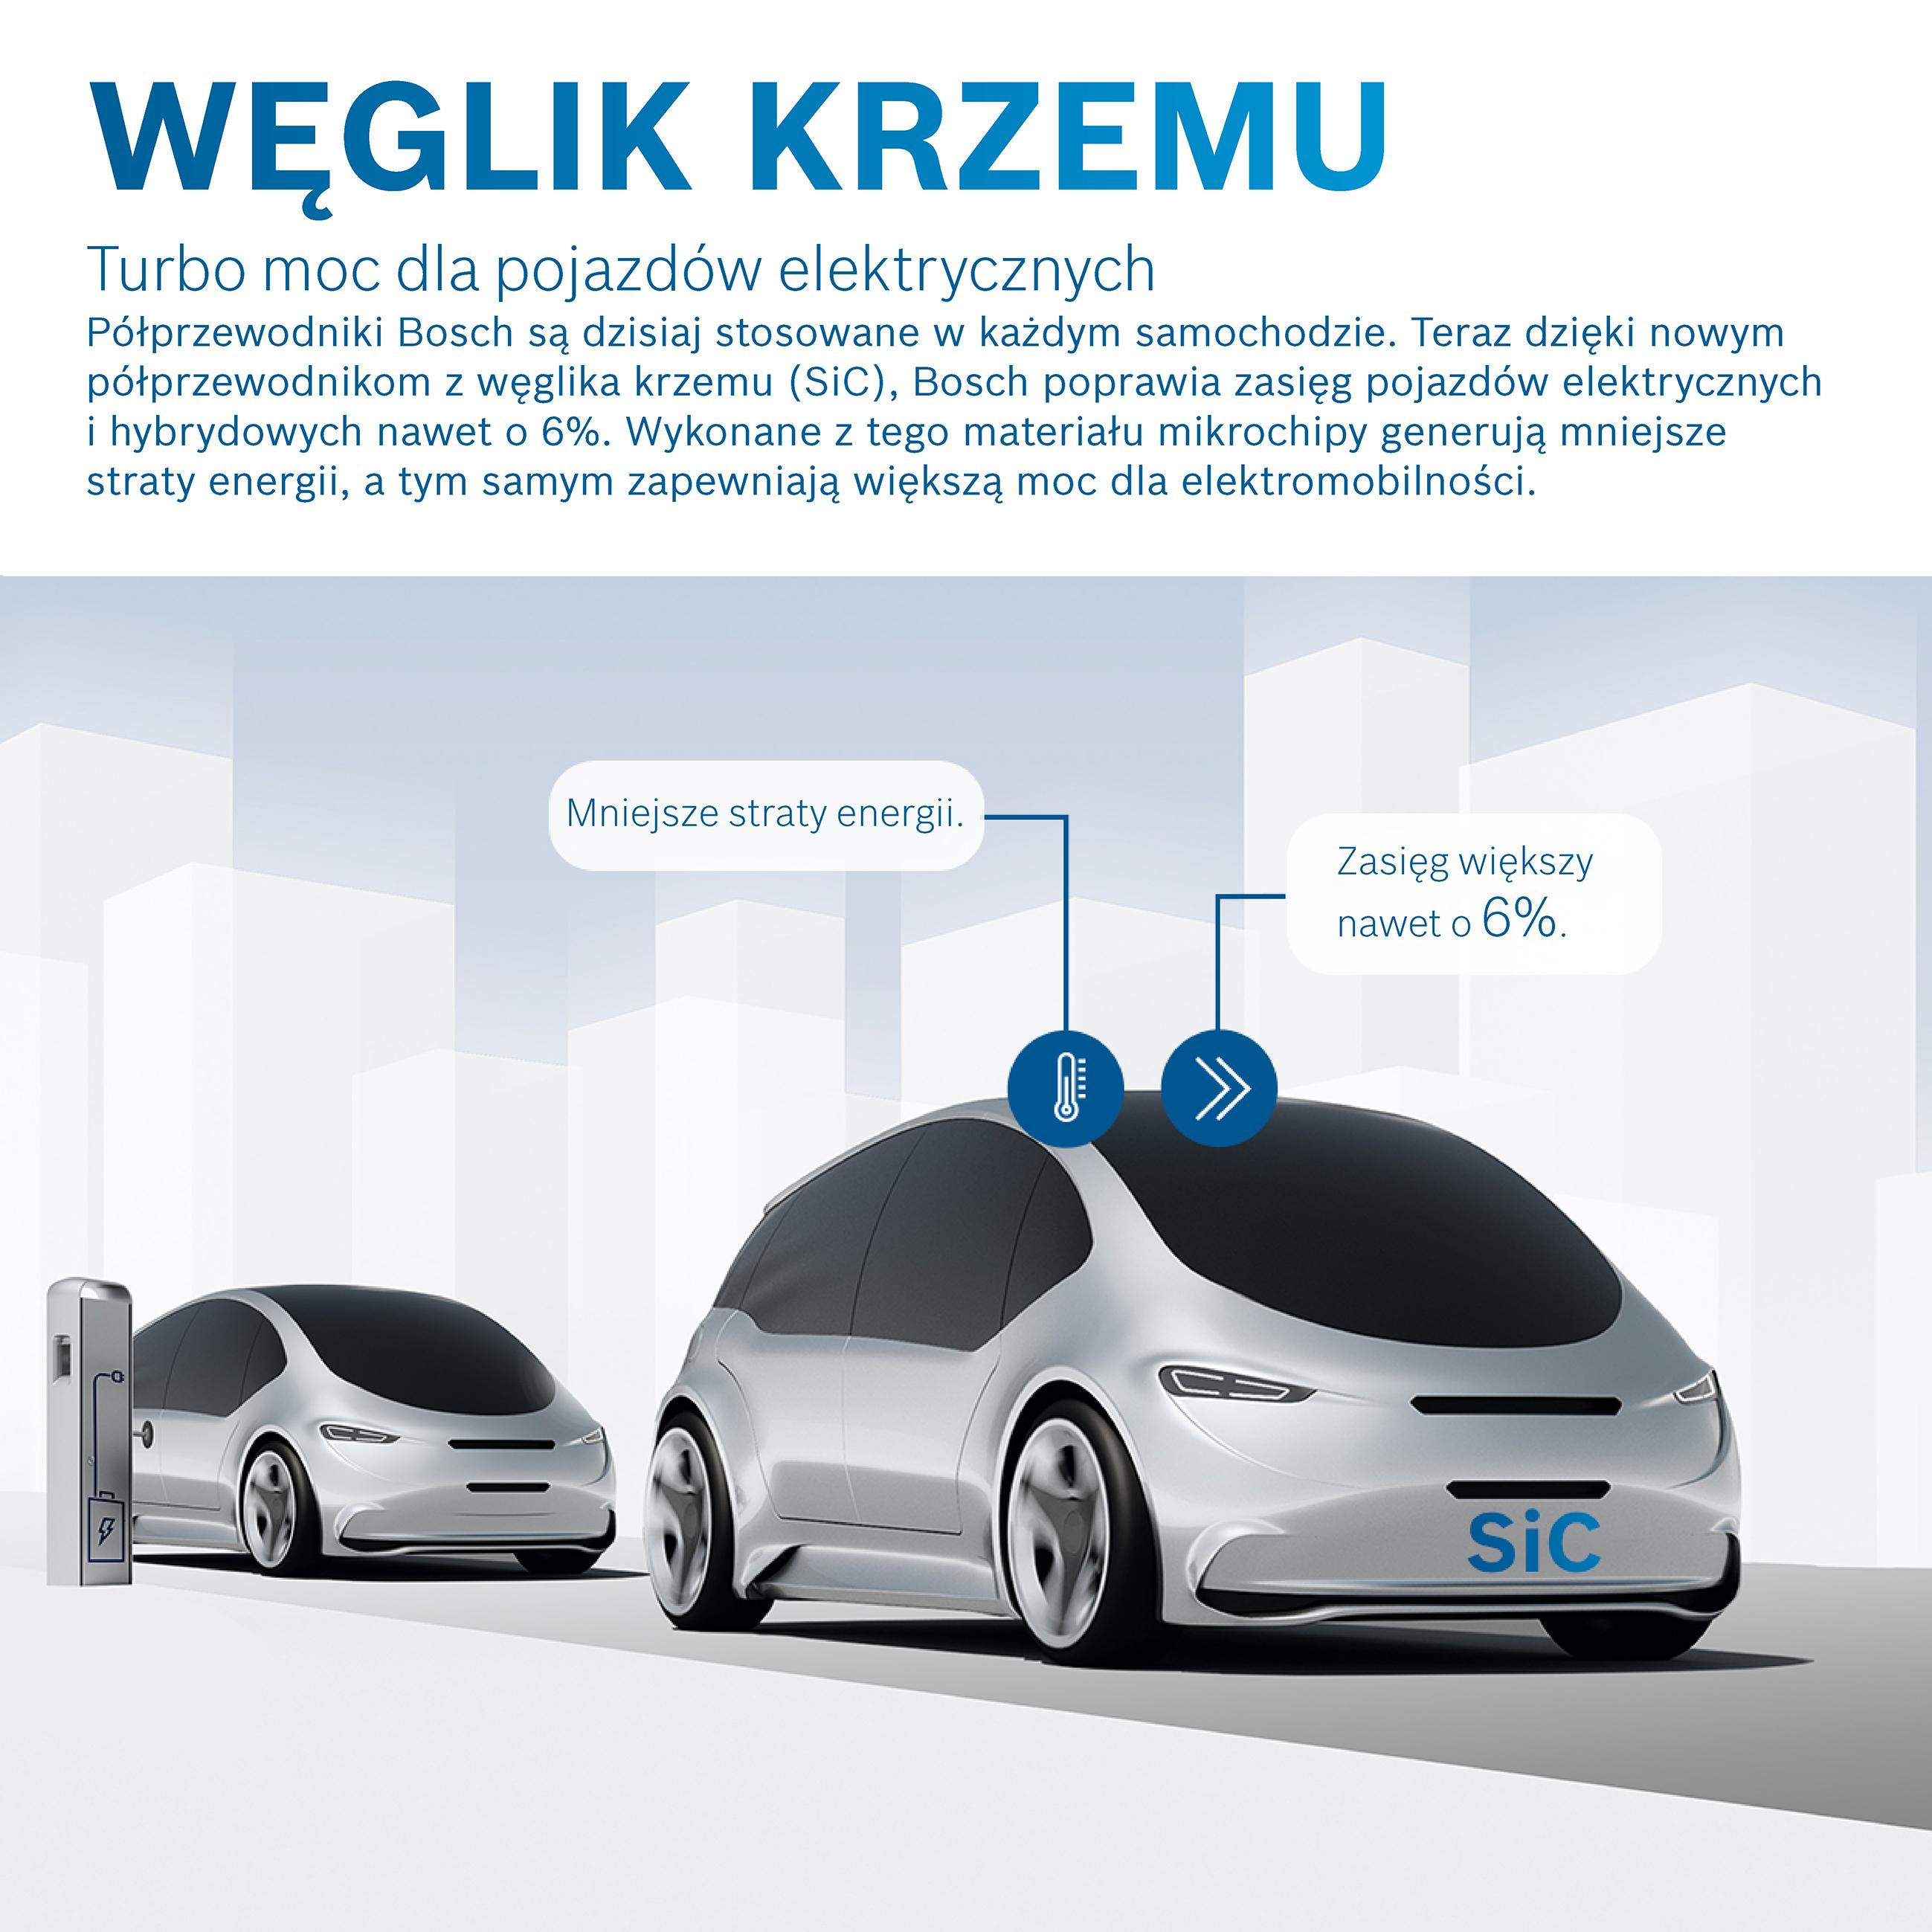 Bosch gotowy do skoku technologicznego  w obszarze elektromobilności